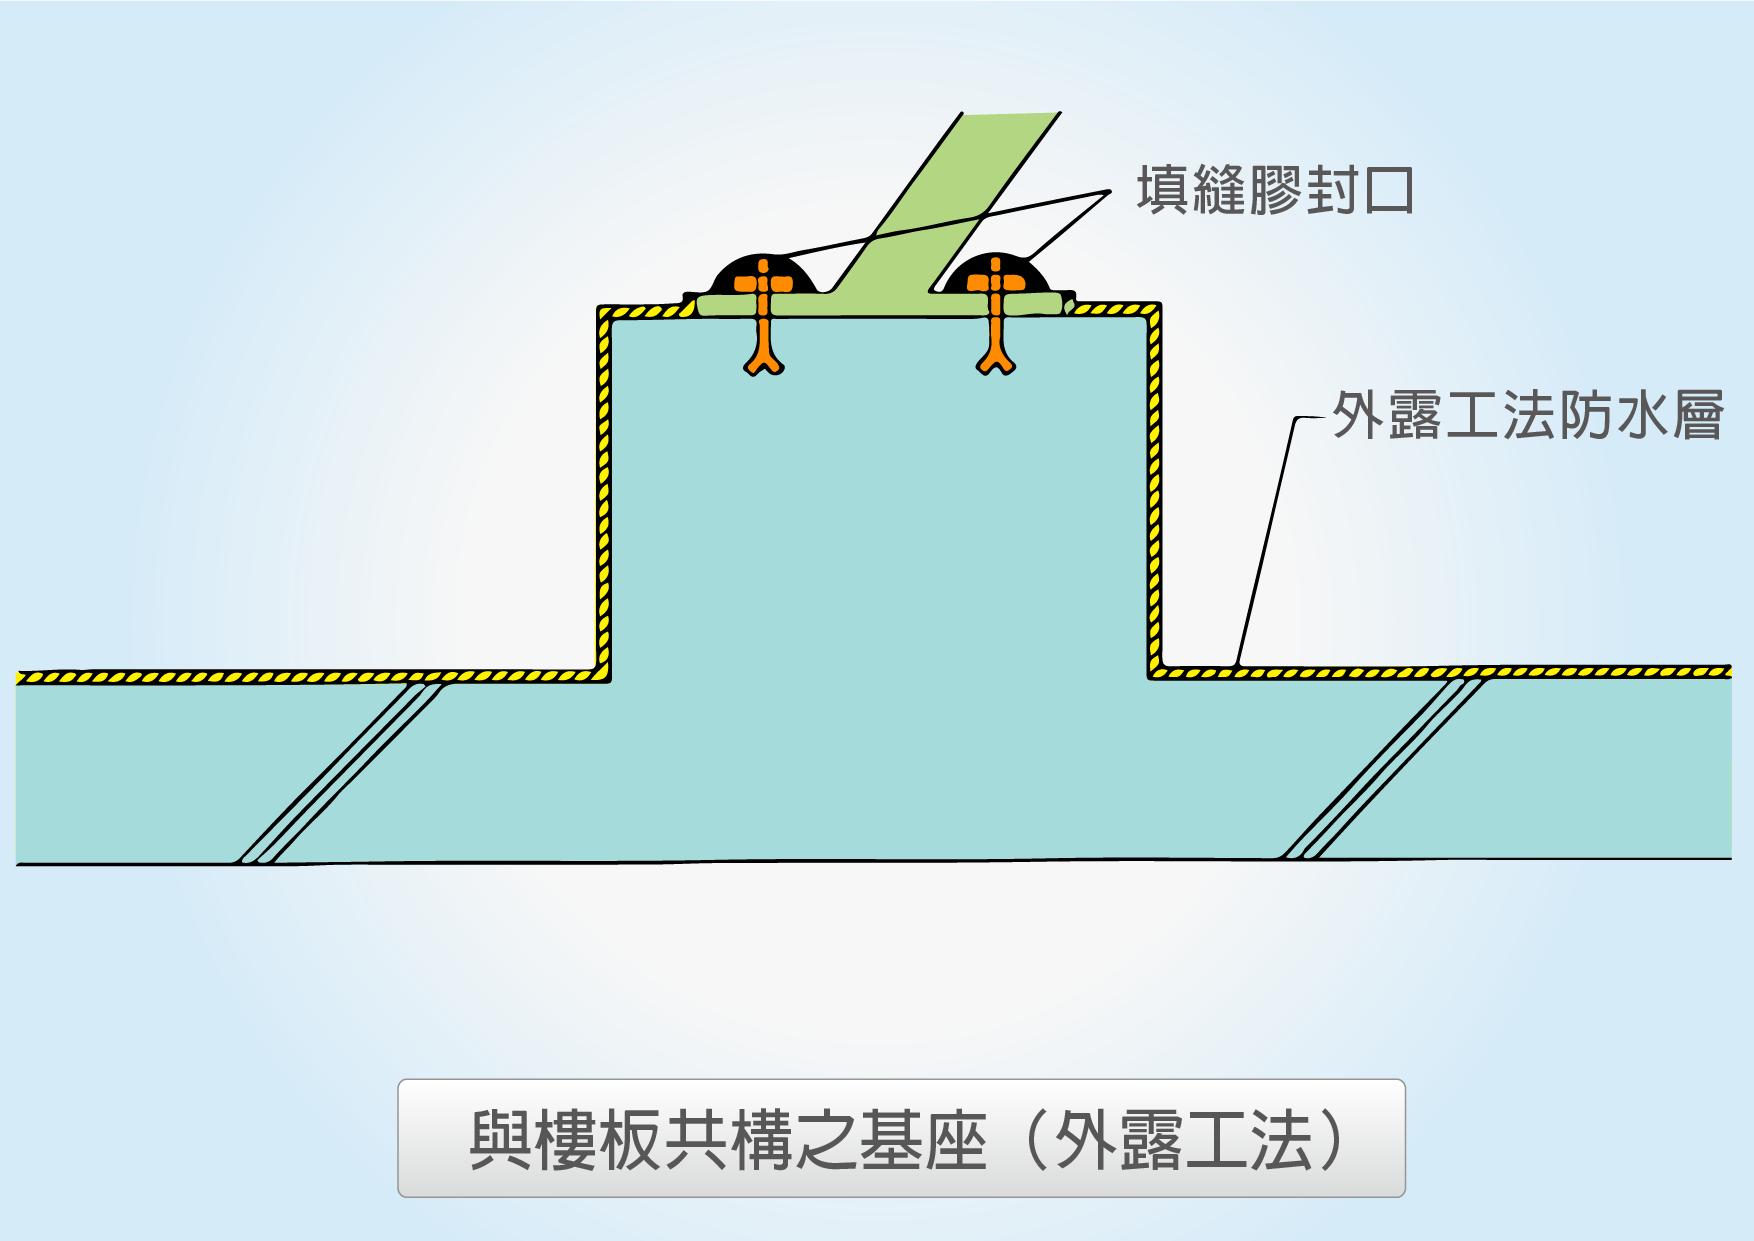 圖2-4-20-03(圖例三).png